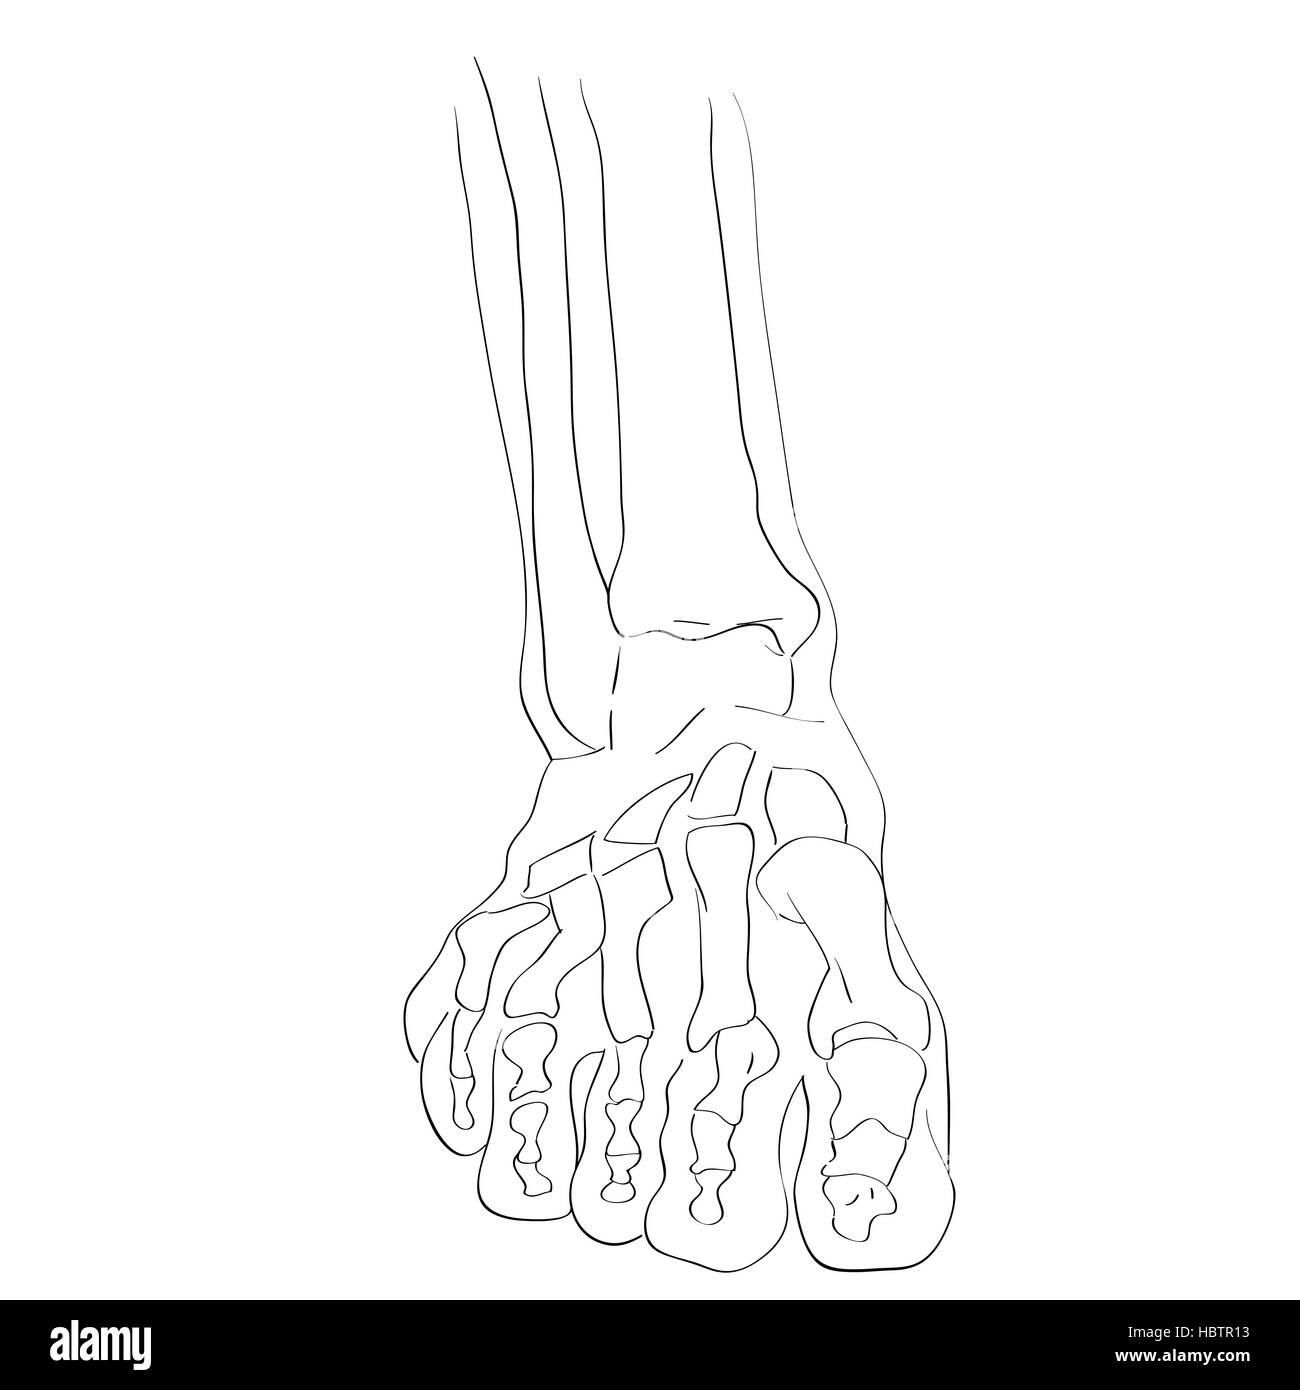 front view foot bones - Stock Image